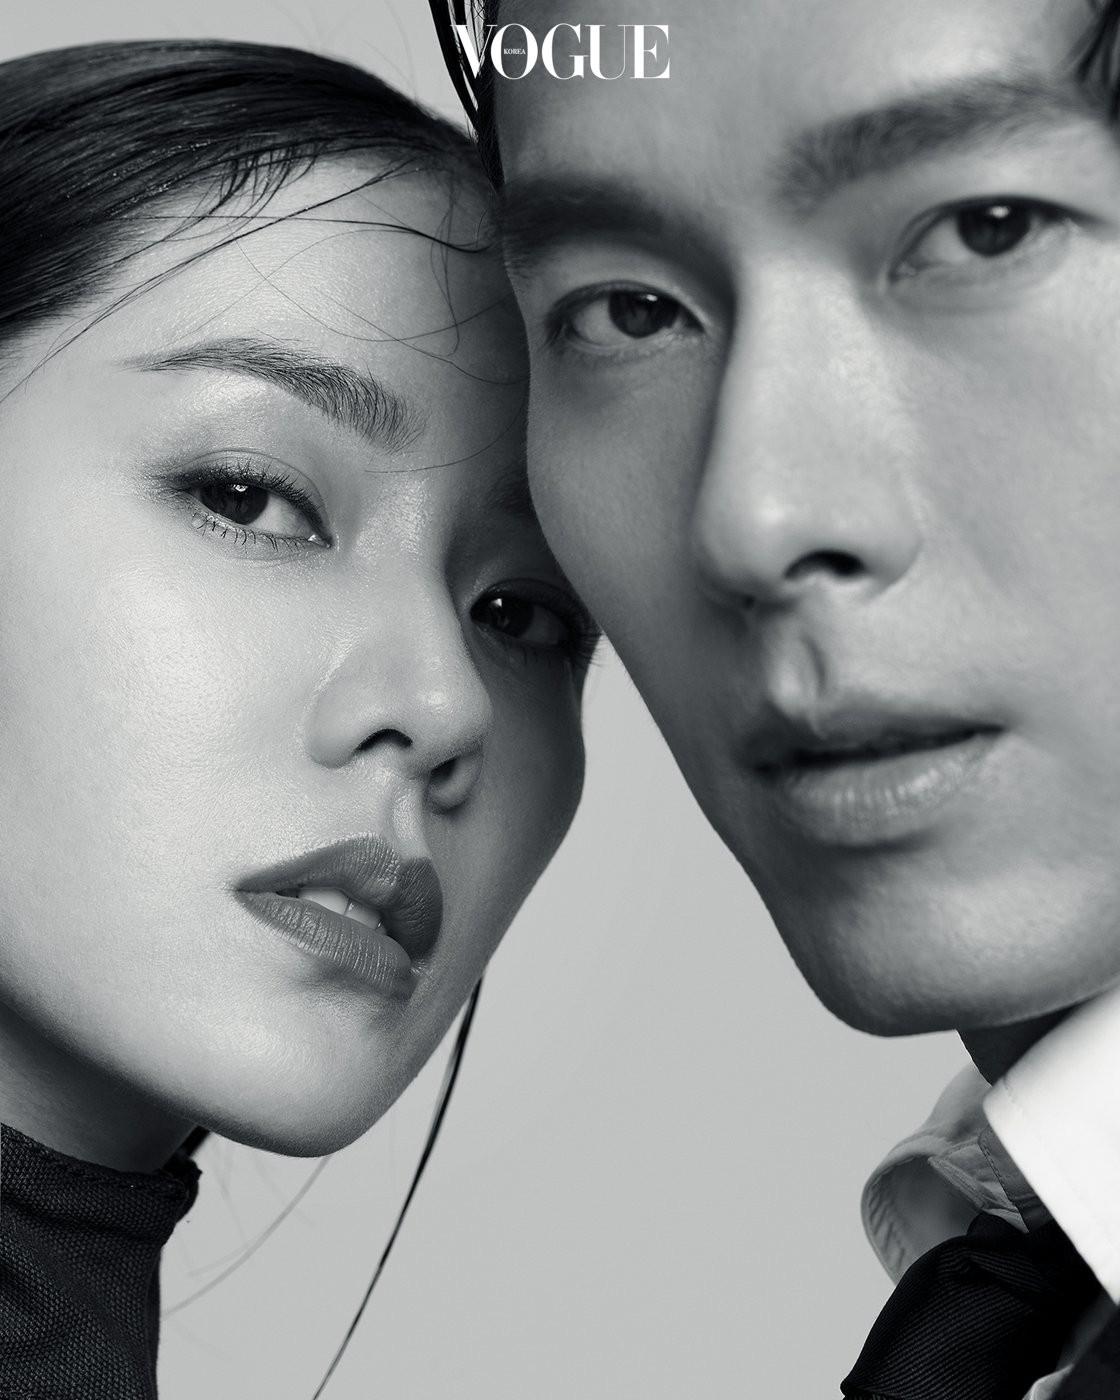 'Chị đẹp' Son Ye Jin tình tứ bên bạn trai cũ của Song Hye Kyo ảnh 2